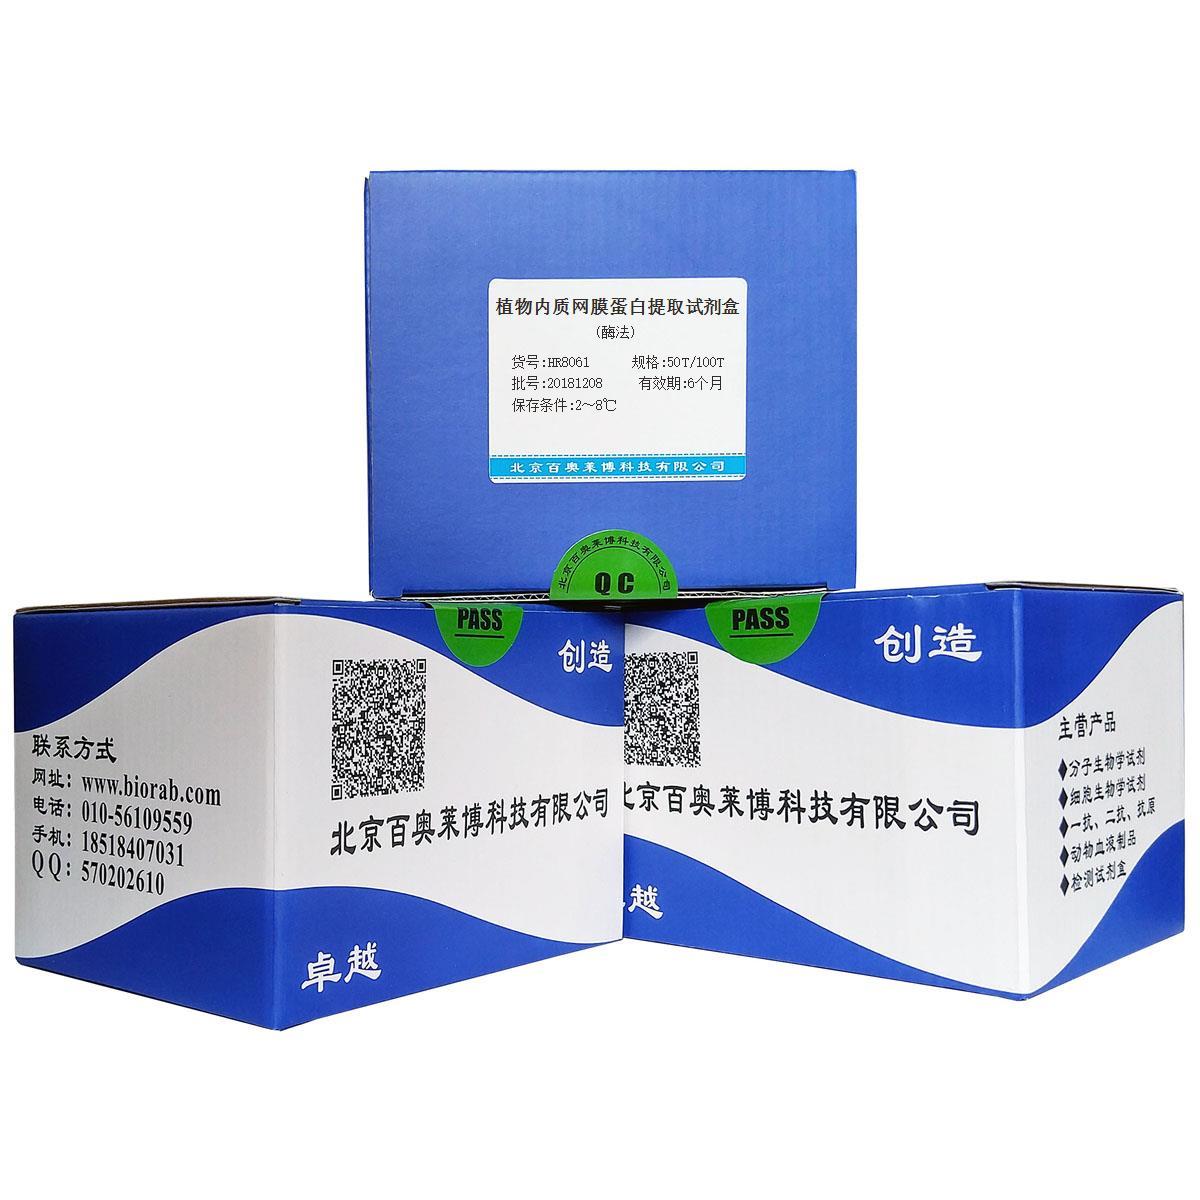 植物内质网膜蛋白提取试剂盒(酶法)